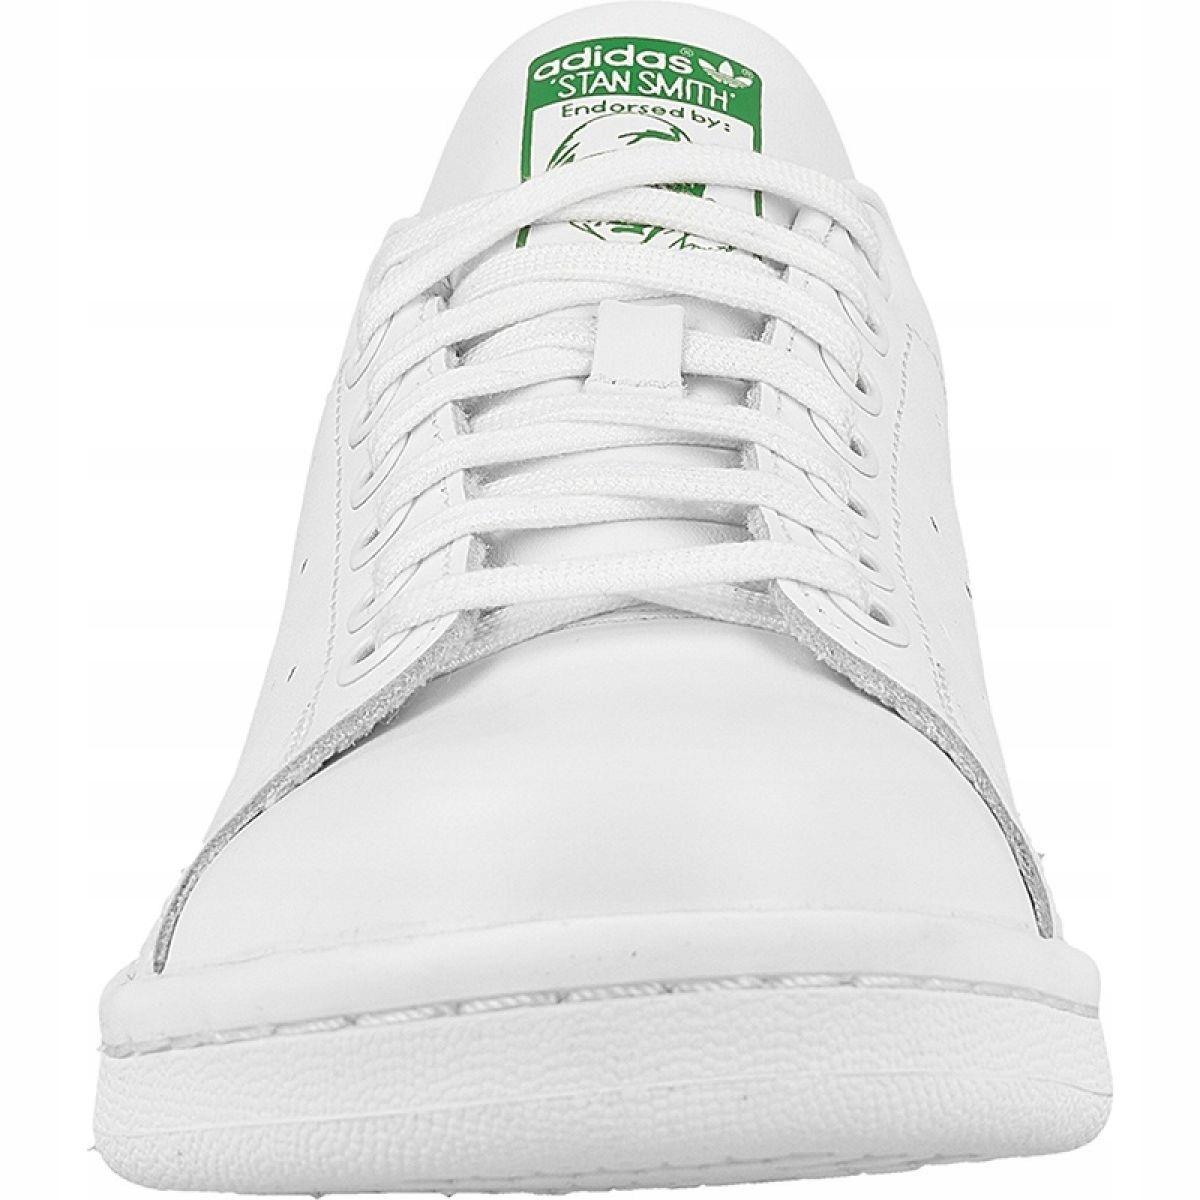 Weiß Adidas Originals Stan Smith M M20324 Schuhe